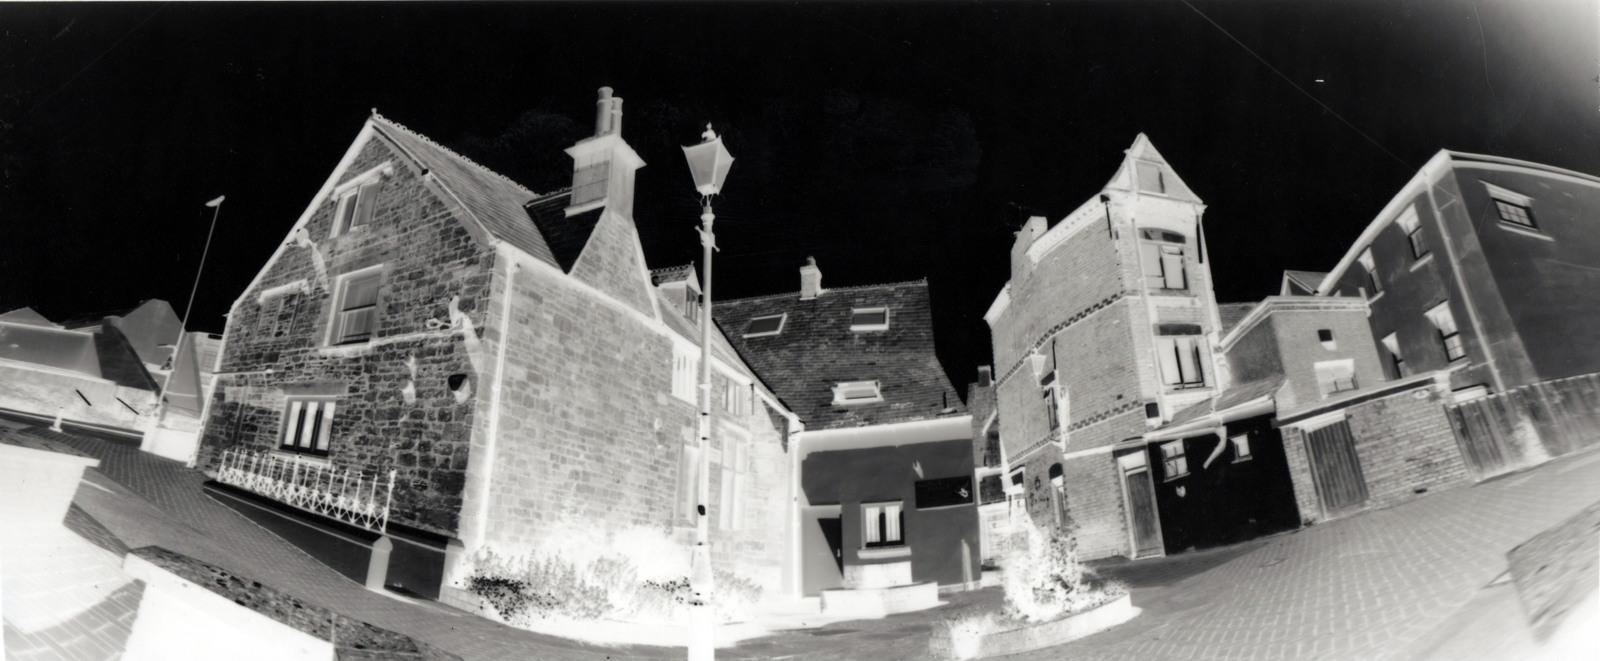 15. Upper Swan Lane